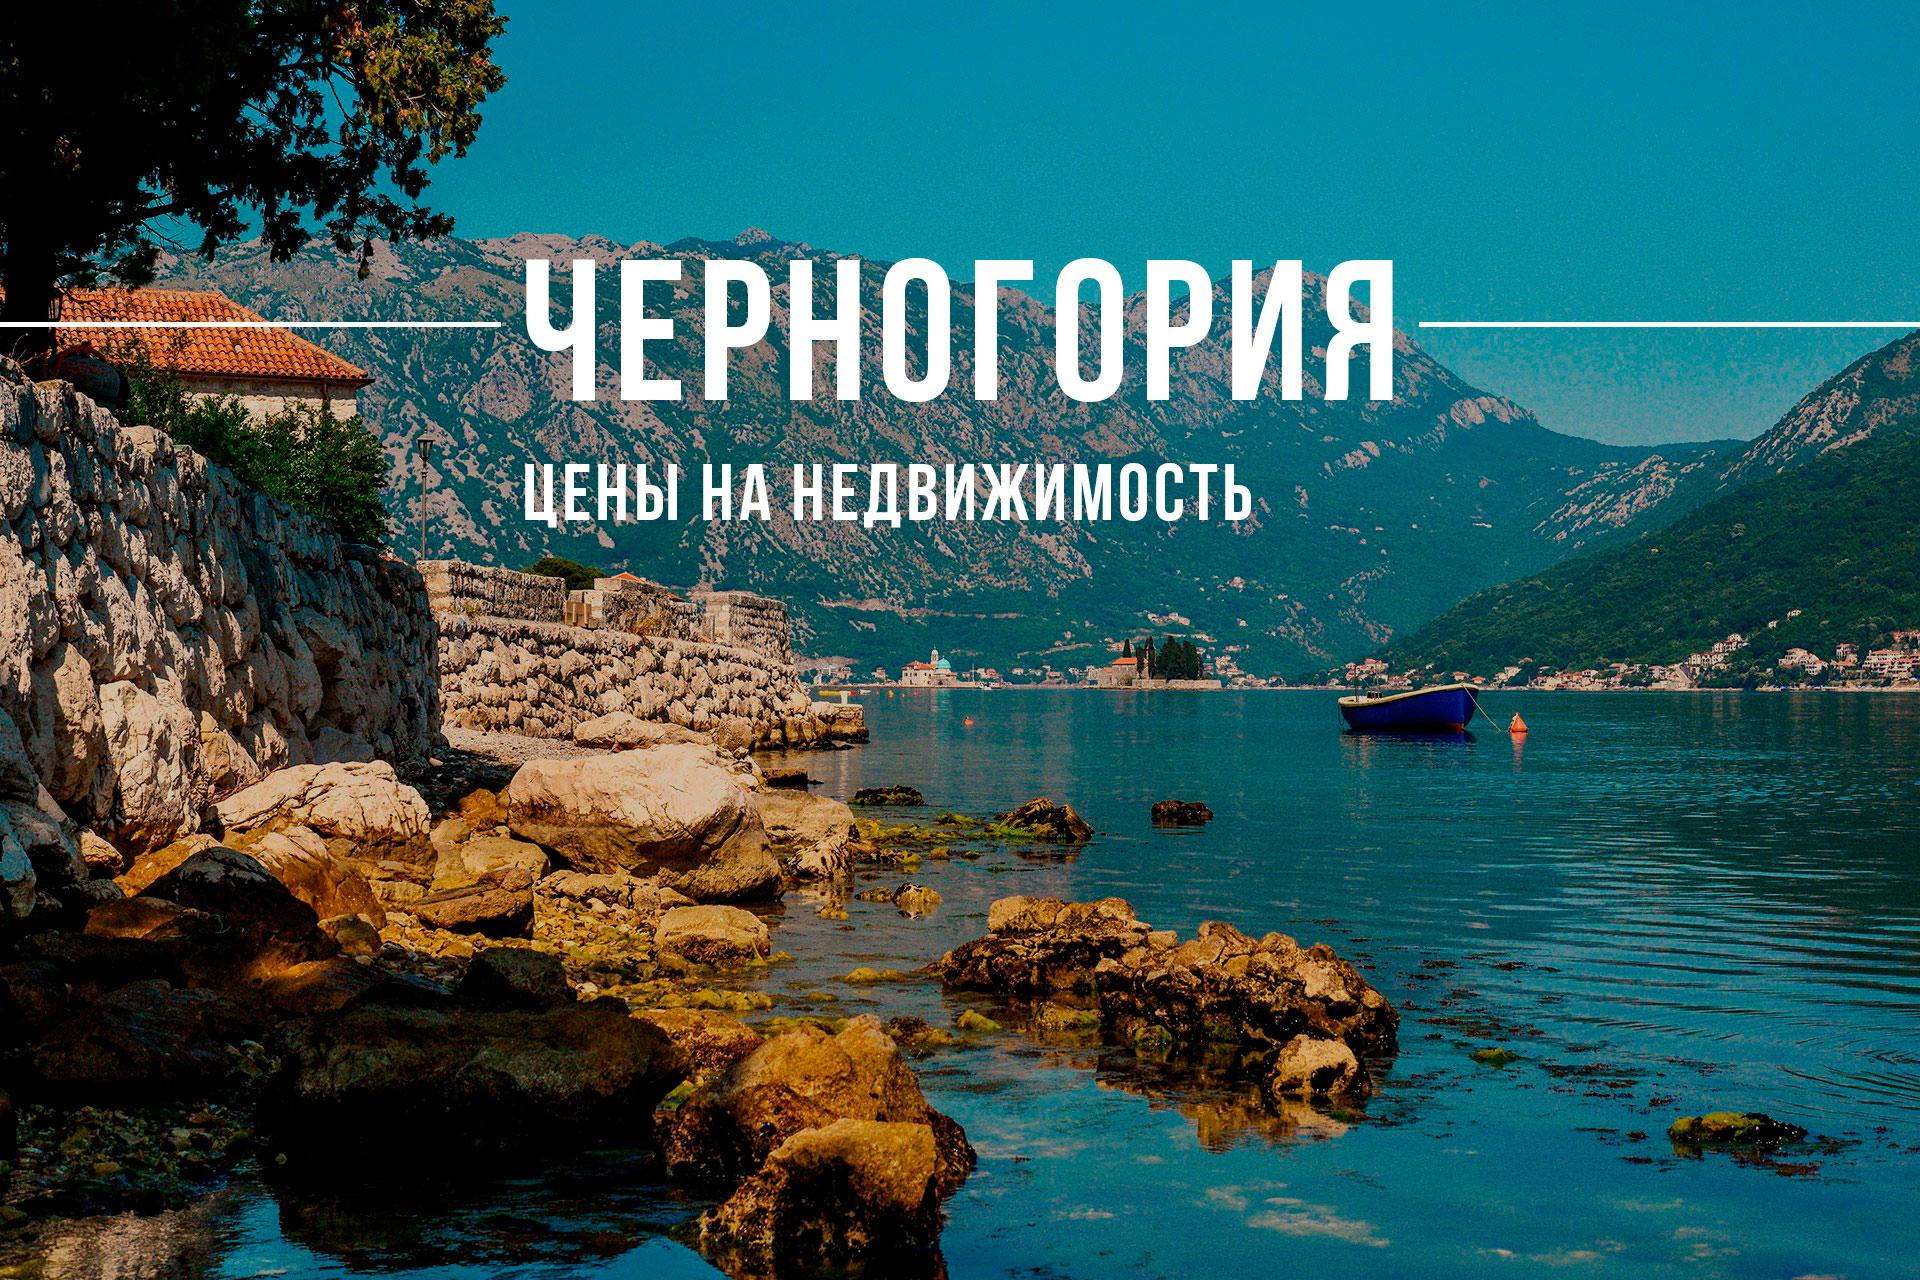 Цены на недвижимость в Черногории